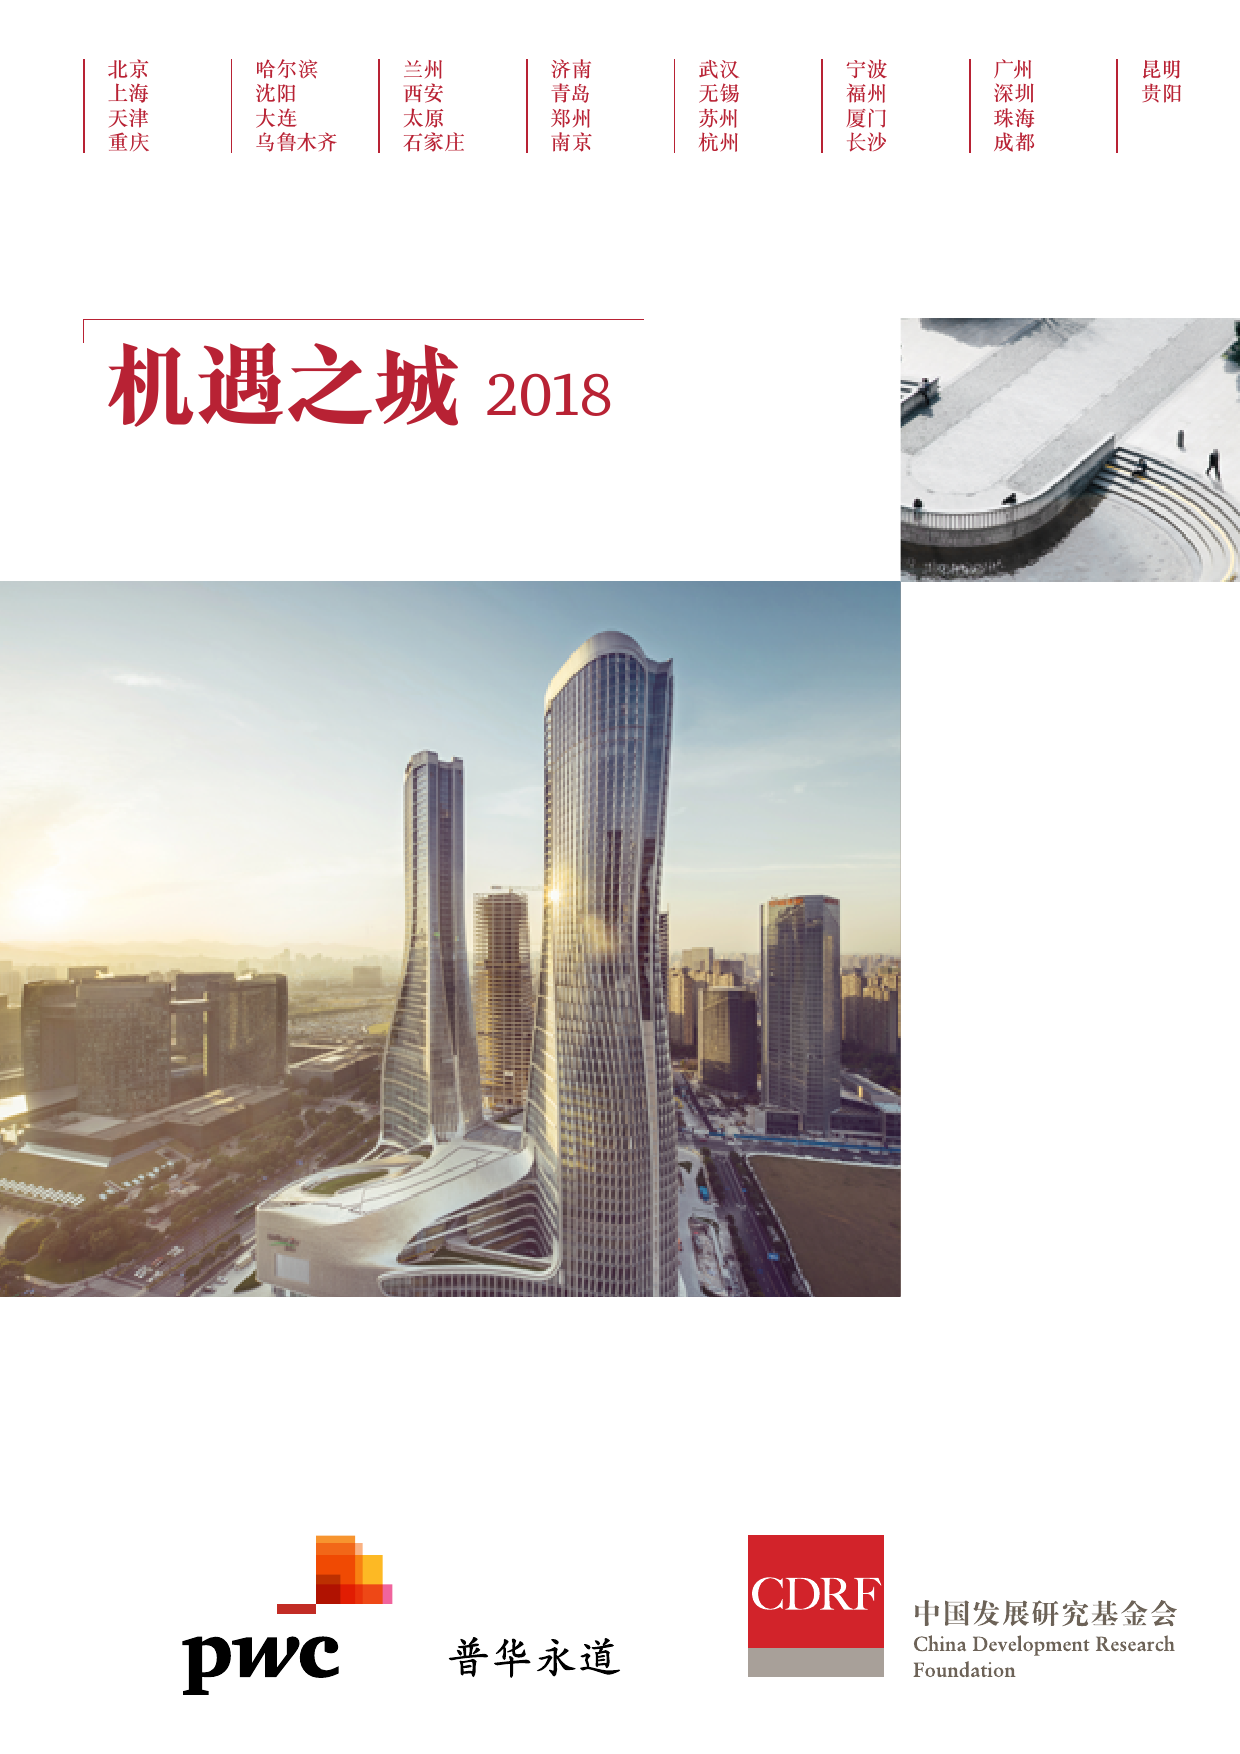 普华永道:机遇之城2018